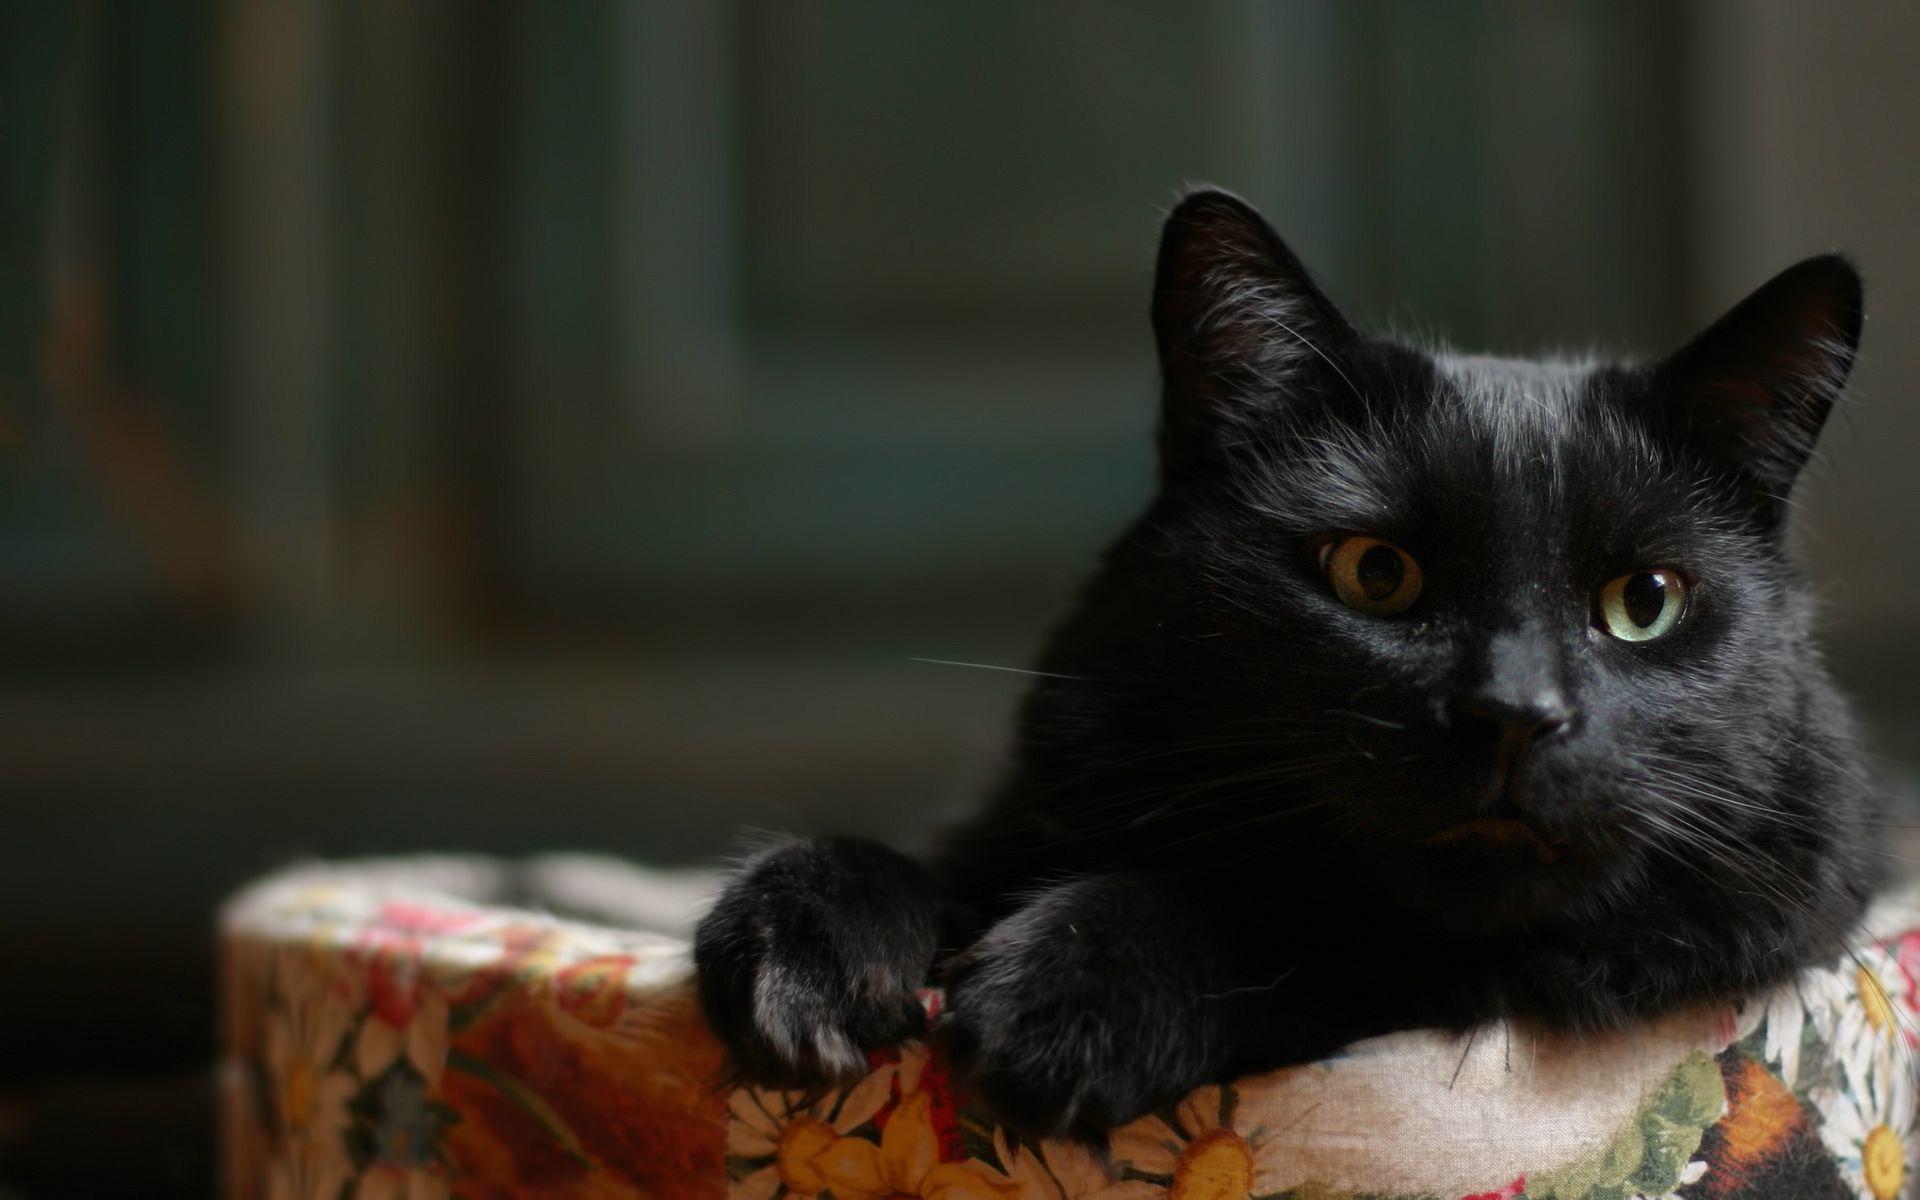 картинки с черной кошечкой отмечает, что